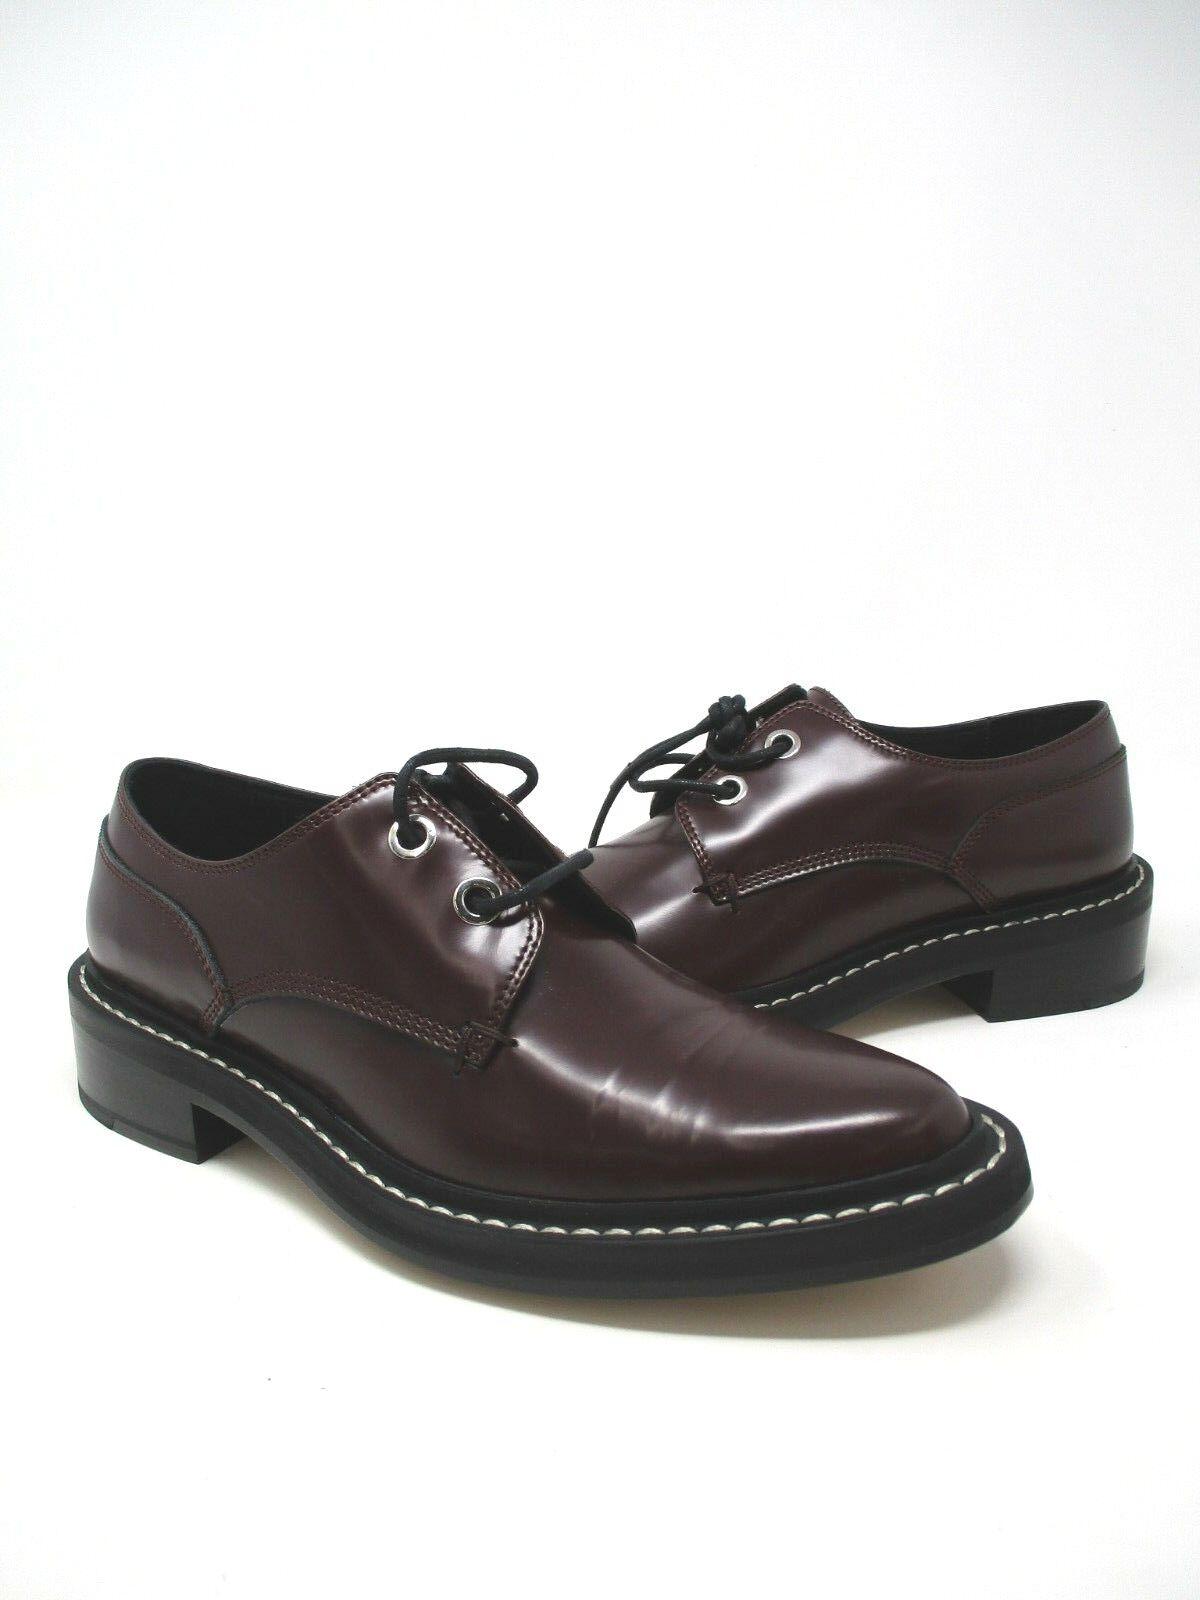 Rag & Bone Kenton Bordeaux Red Lace Up Oxford shoes Sz. EUR 37 US 7